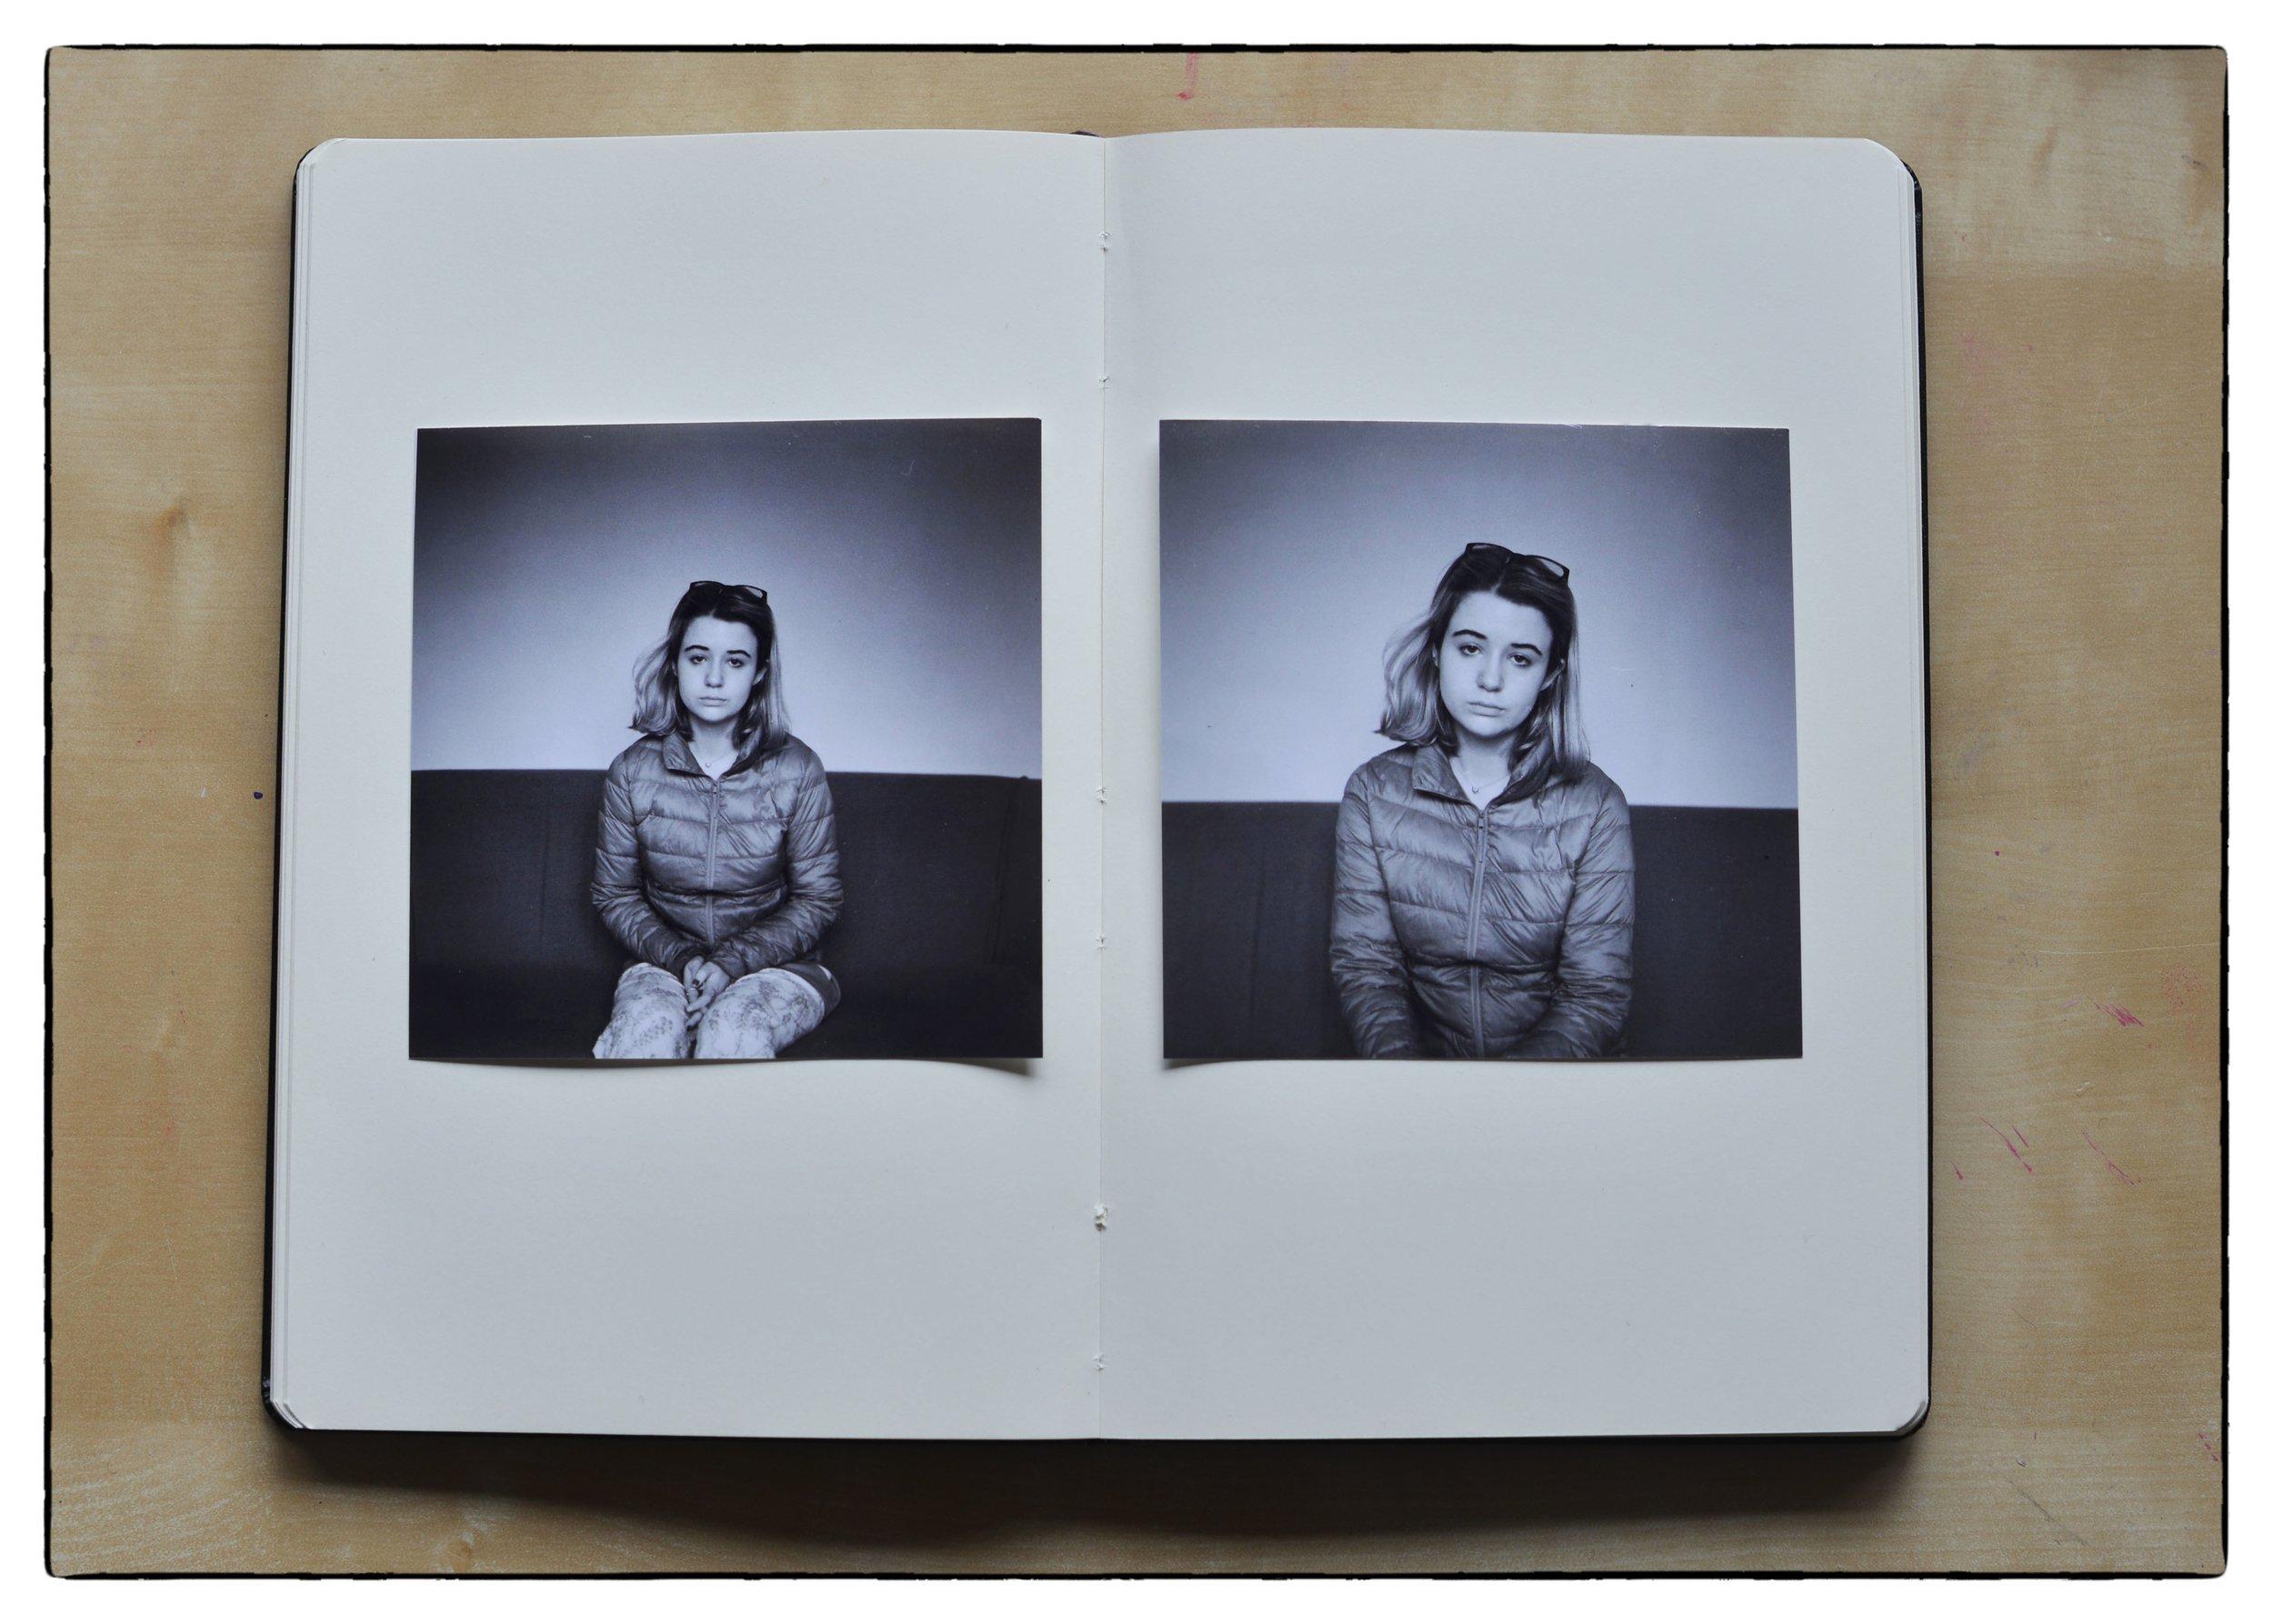 Evie 6 x6_Snapseed.jpg